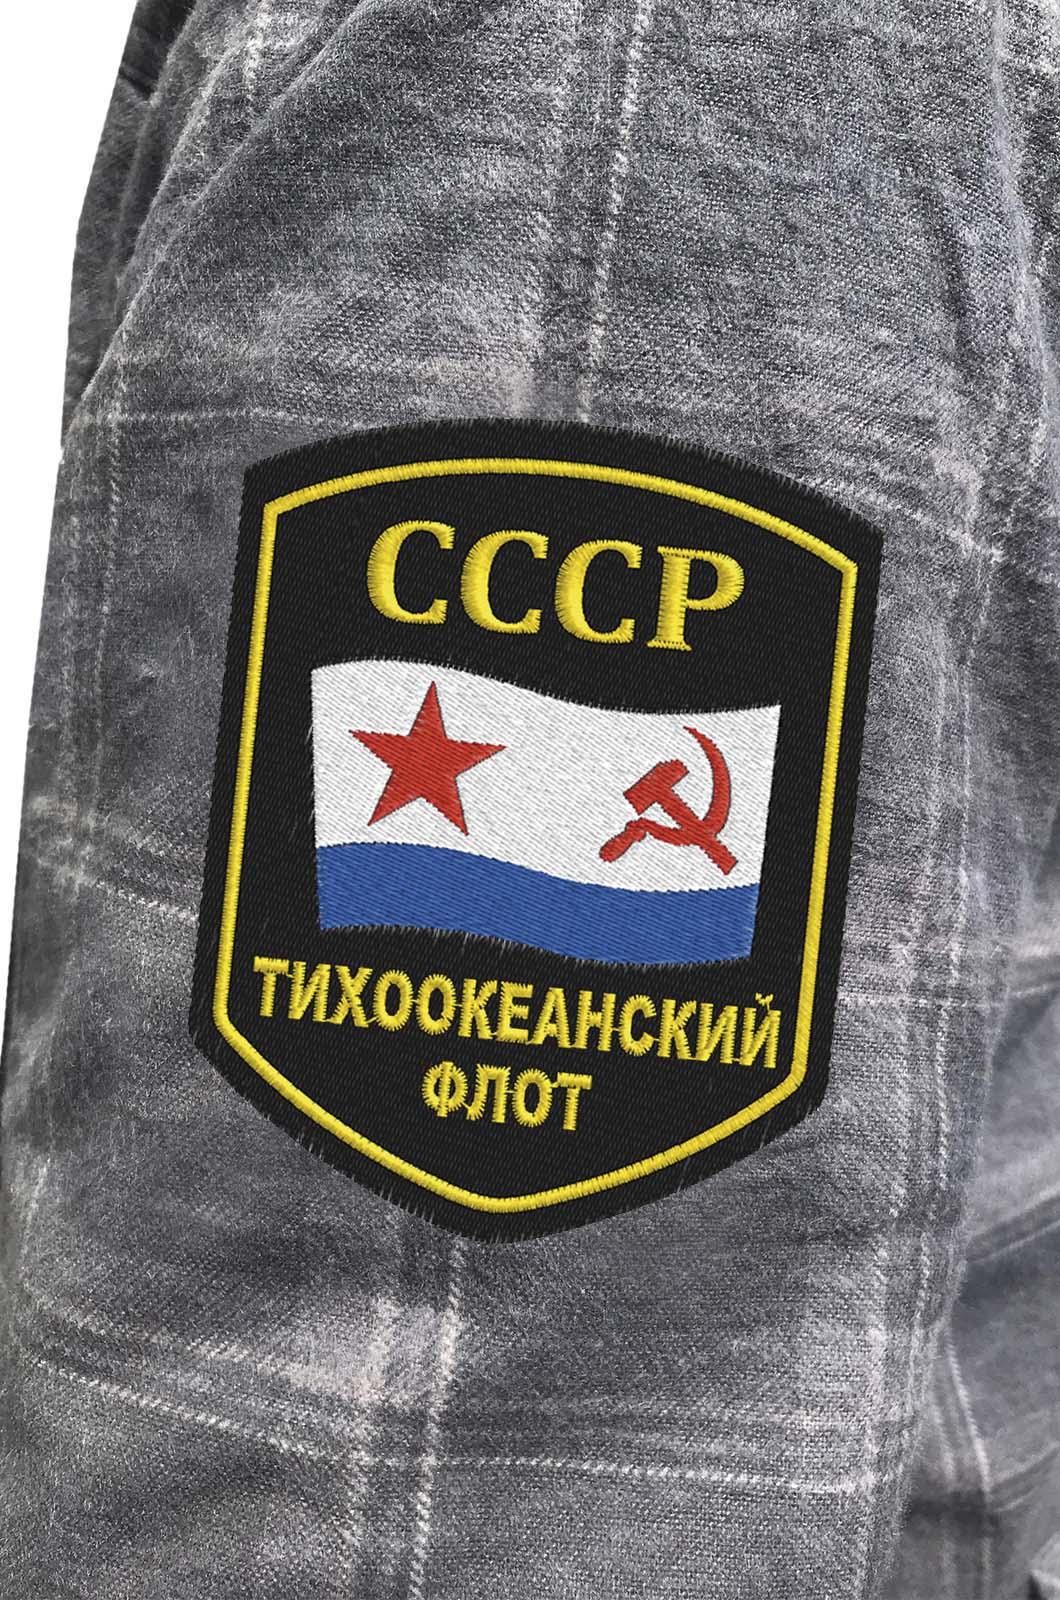 Мужская теплая рубашка с нашивкой Тихоокеанский флот СССР купить по привлекательной цене